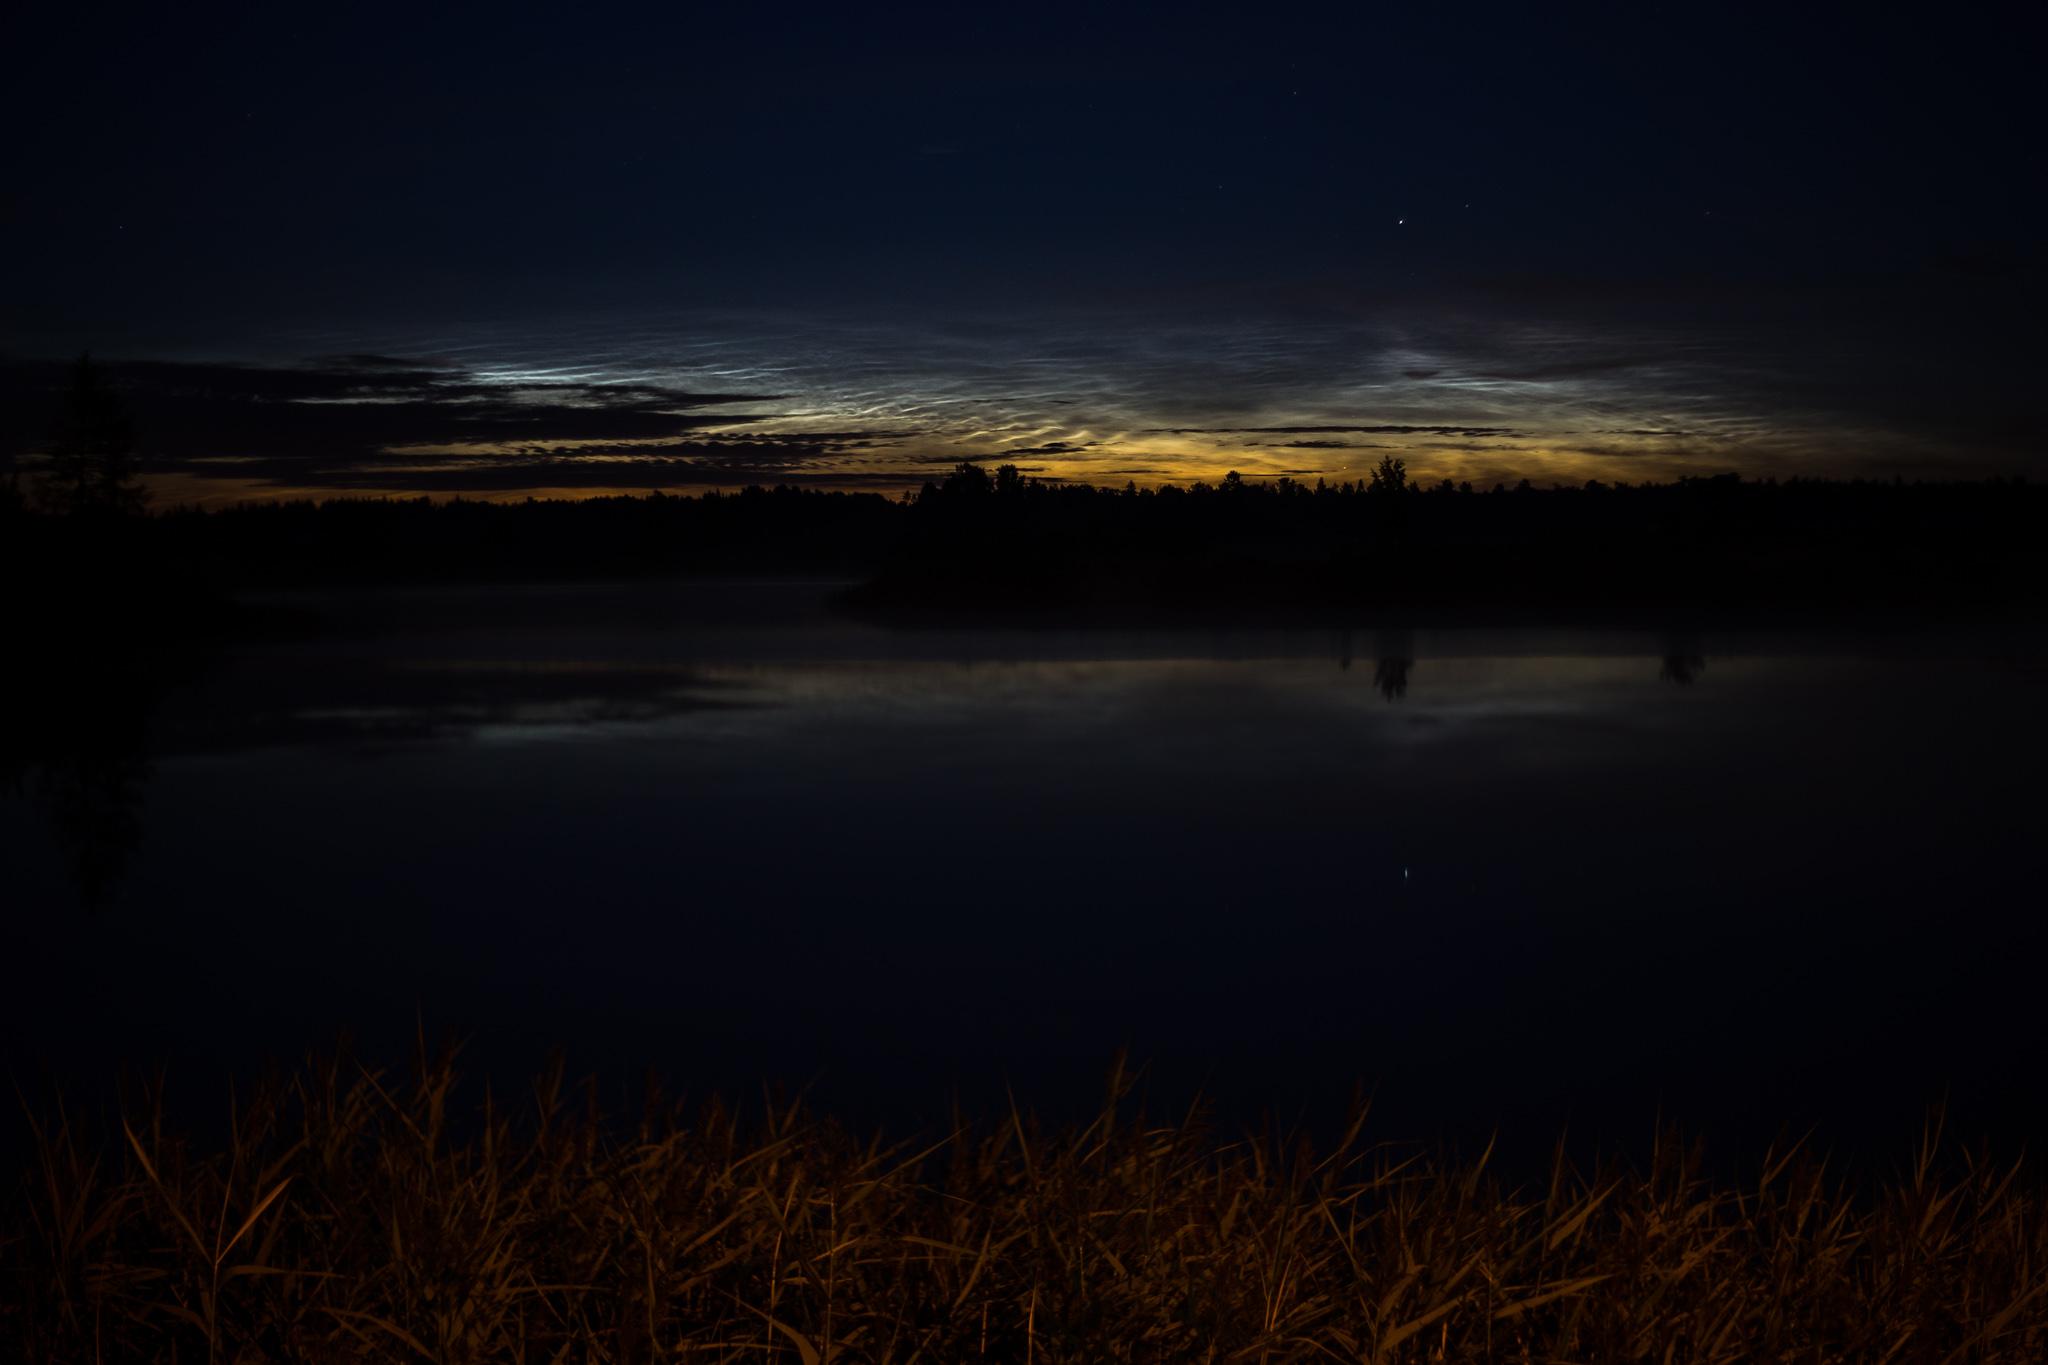 dsc0225-panorama.jpg